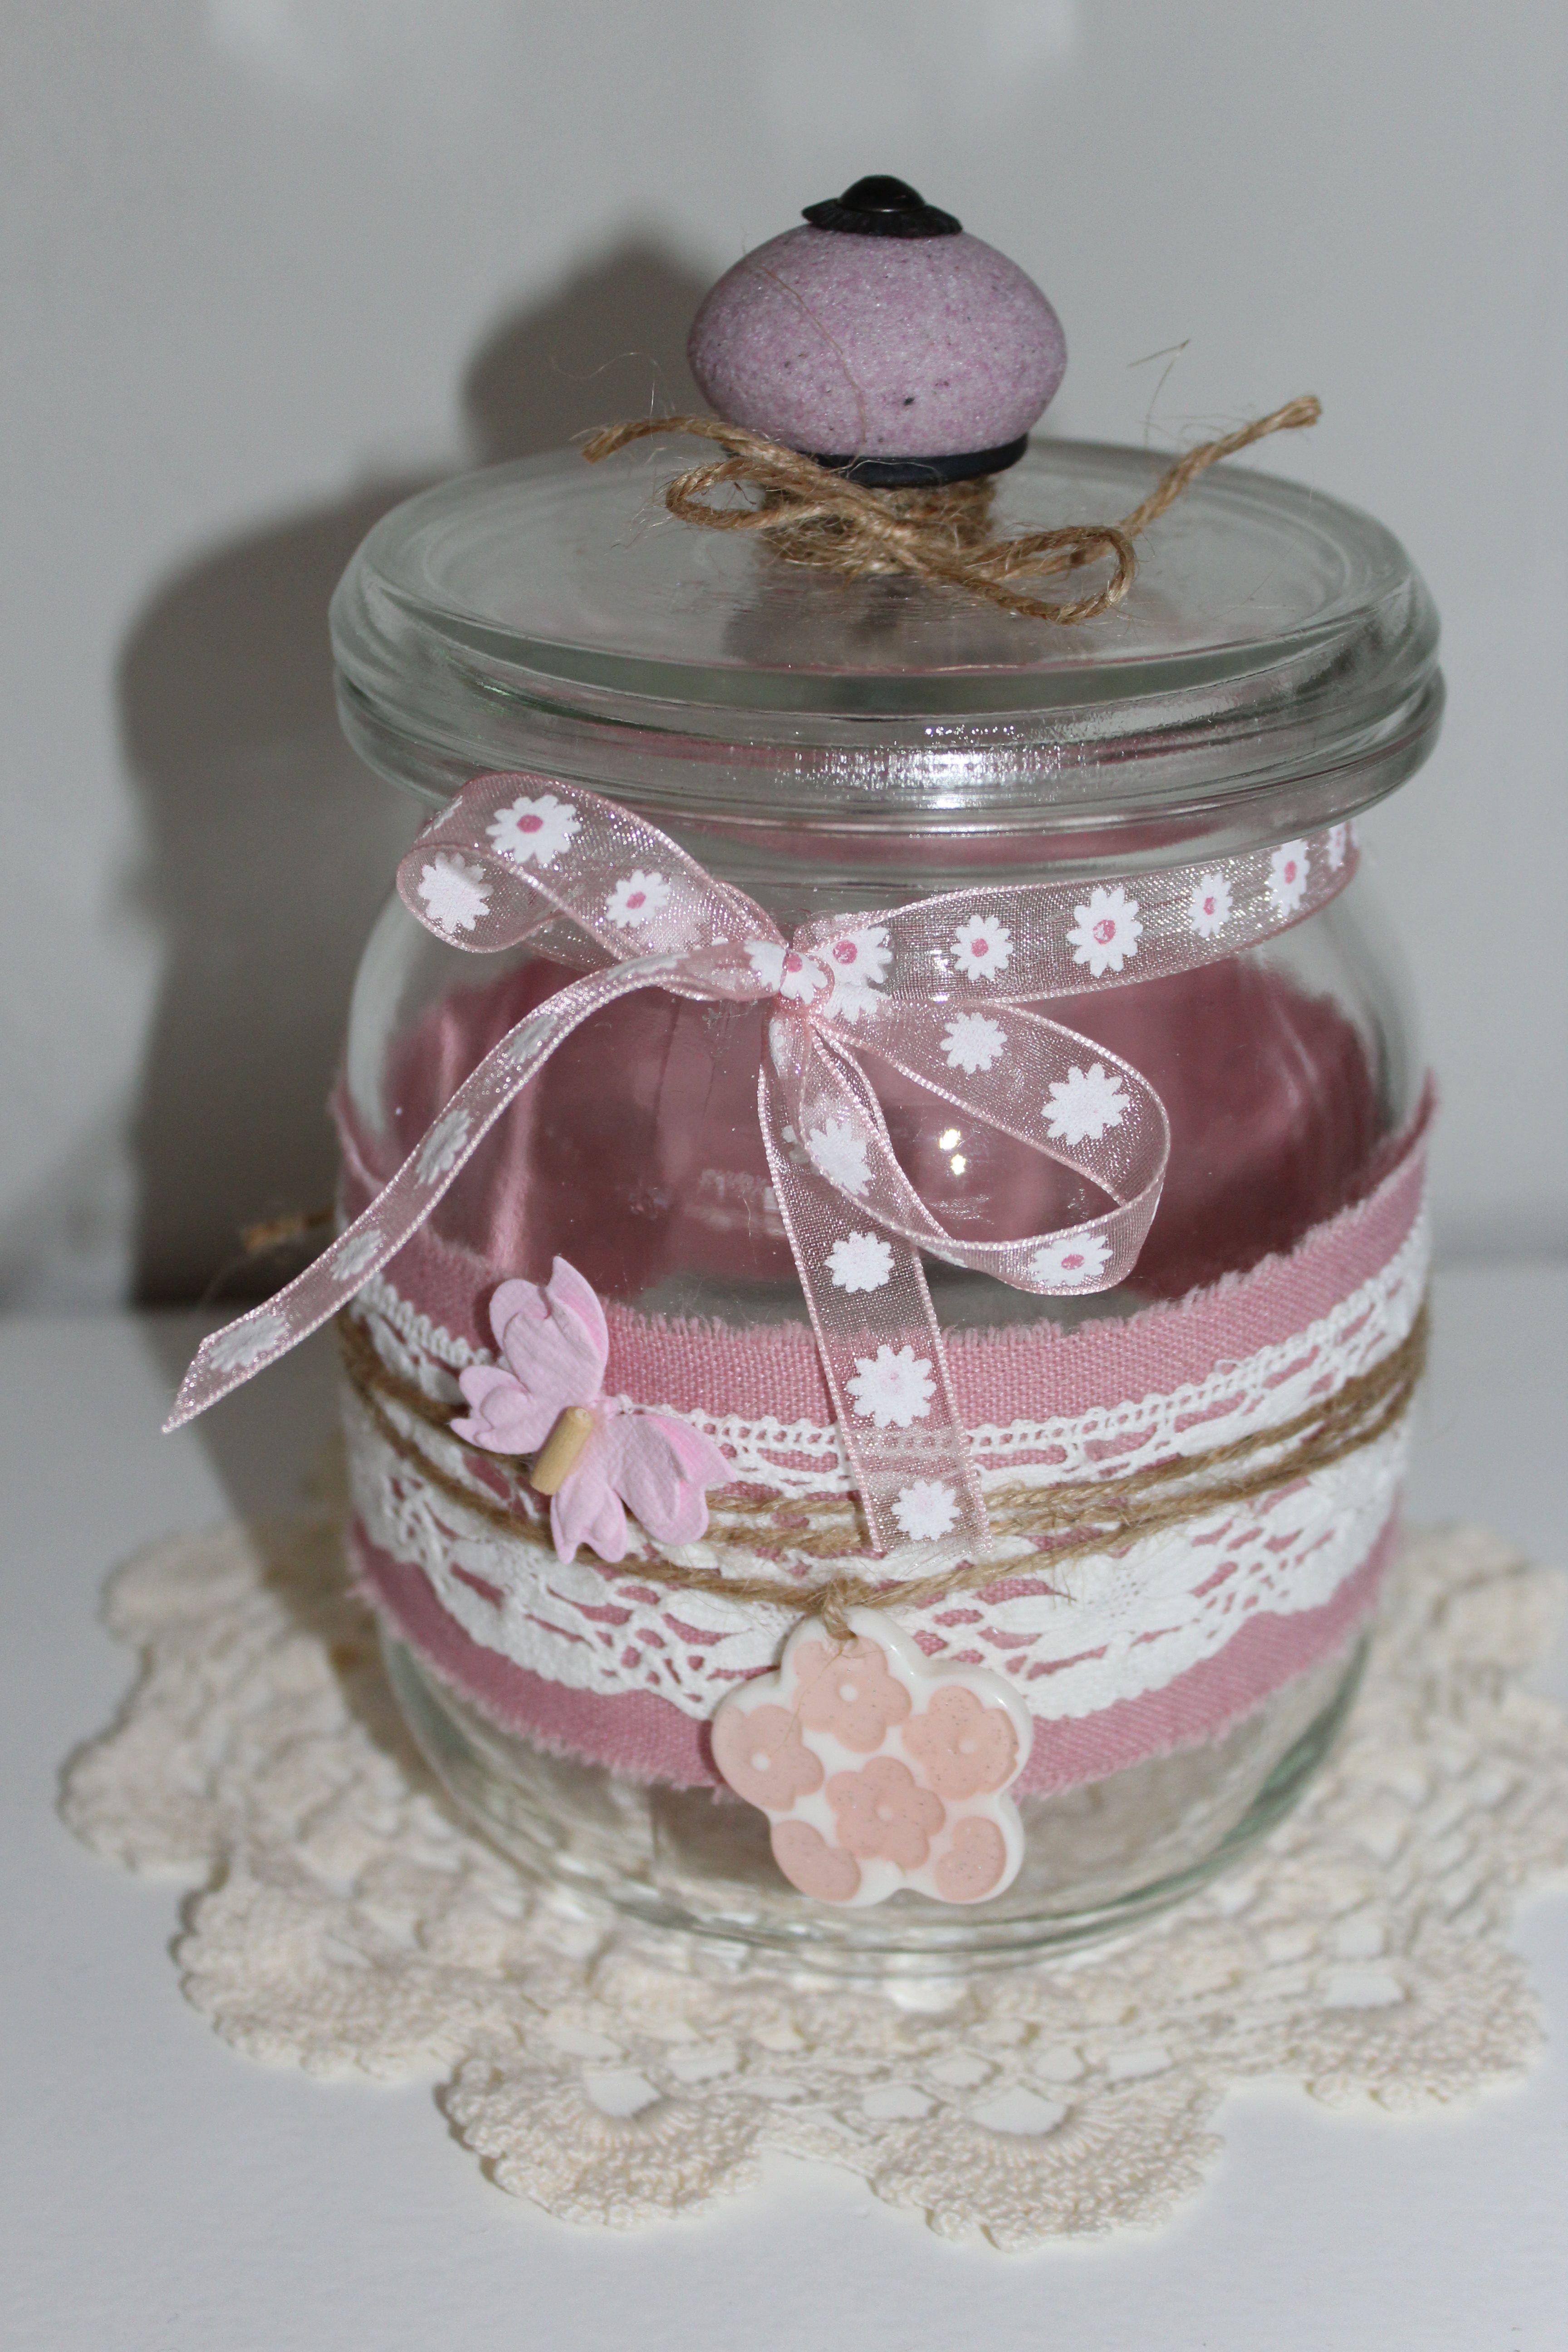 Deko- oder Aufbewahrungsglas aus alten Einmachgläser. Sehr schön zum